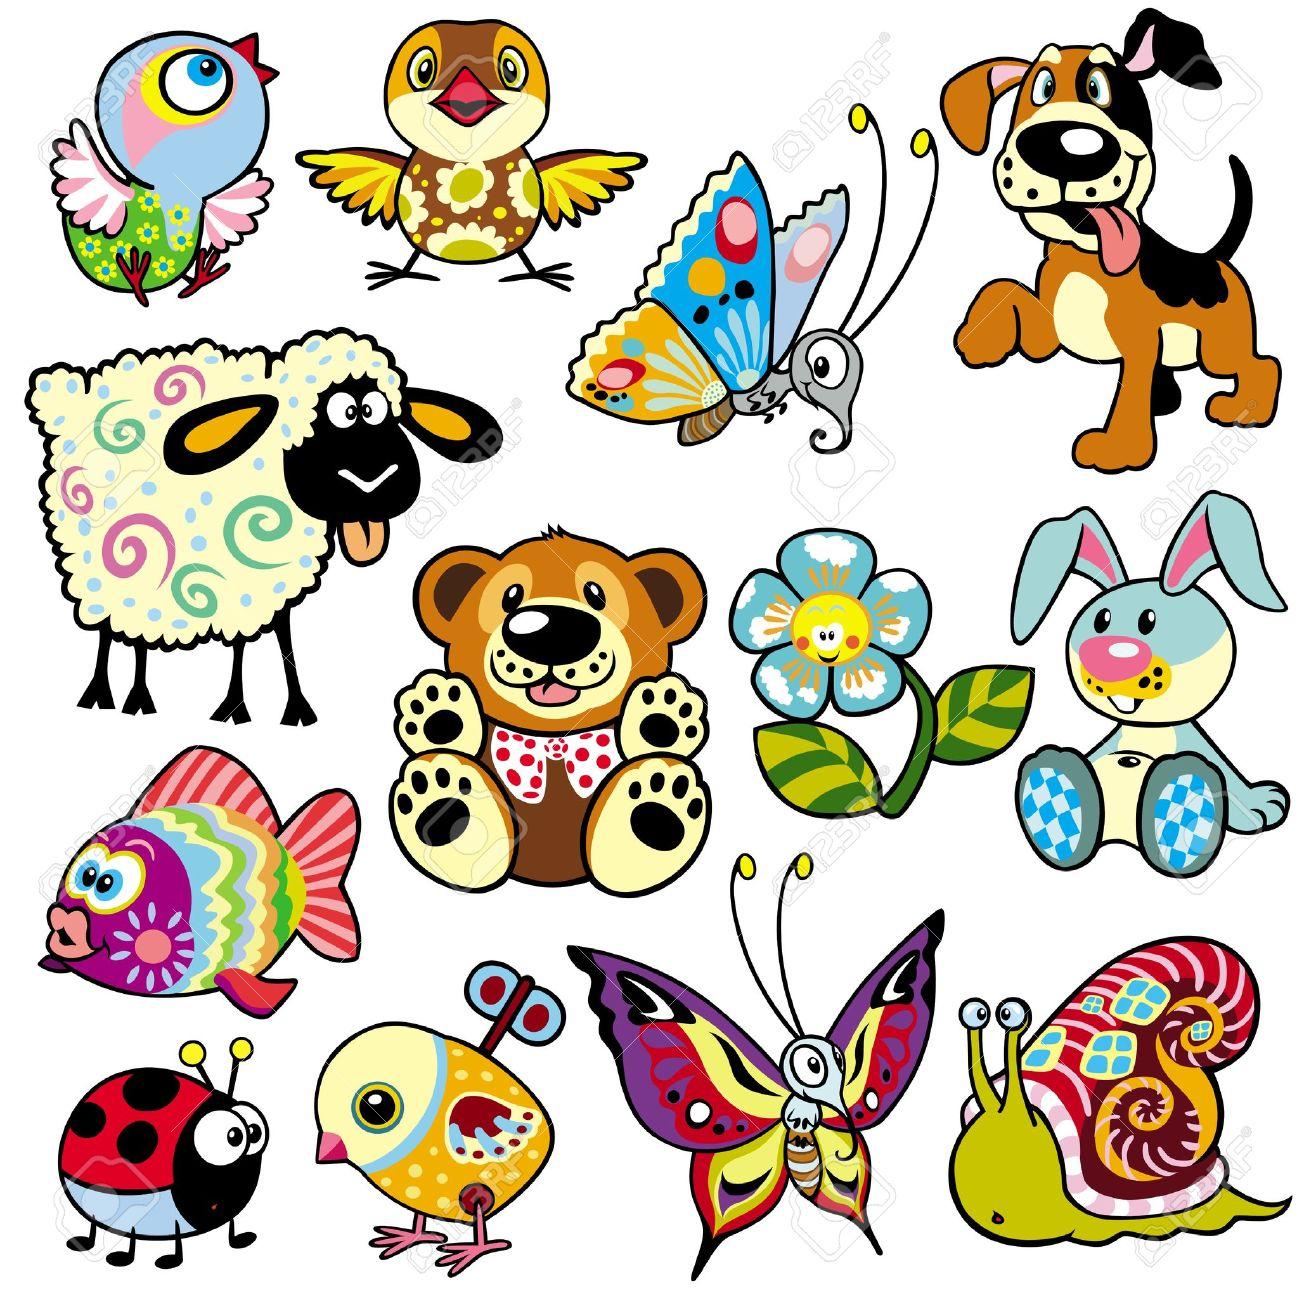 establecer con los animales de dibujos animados y juguetes para bebs y nios pequeos foto de